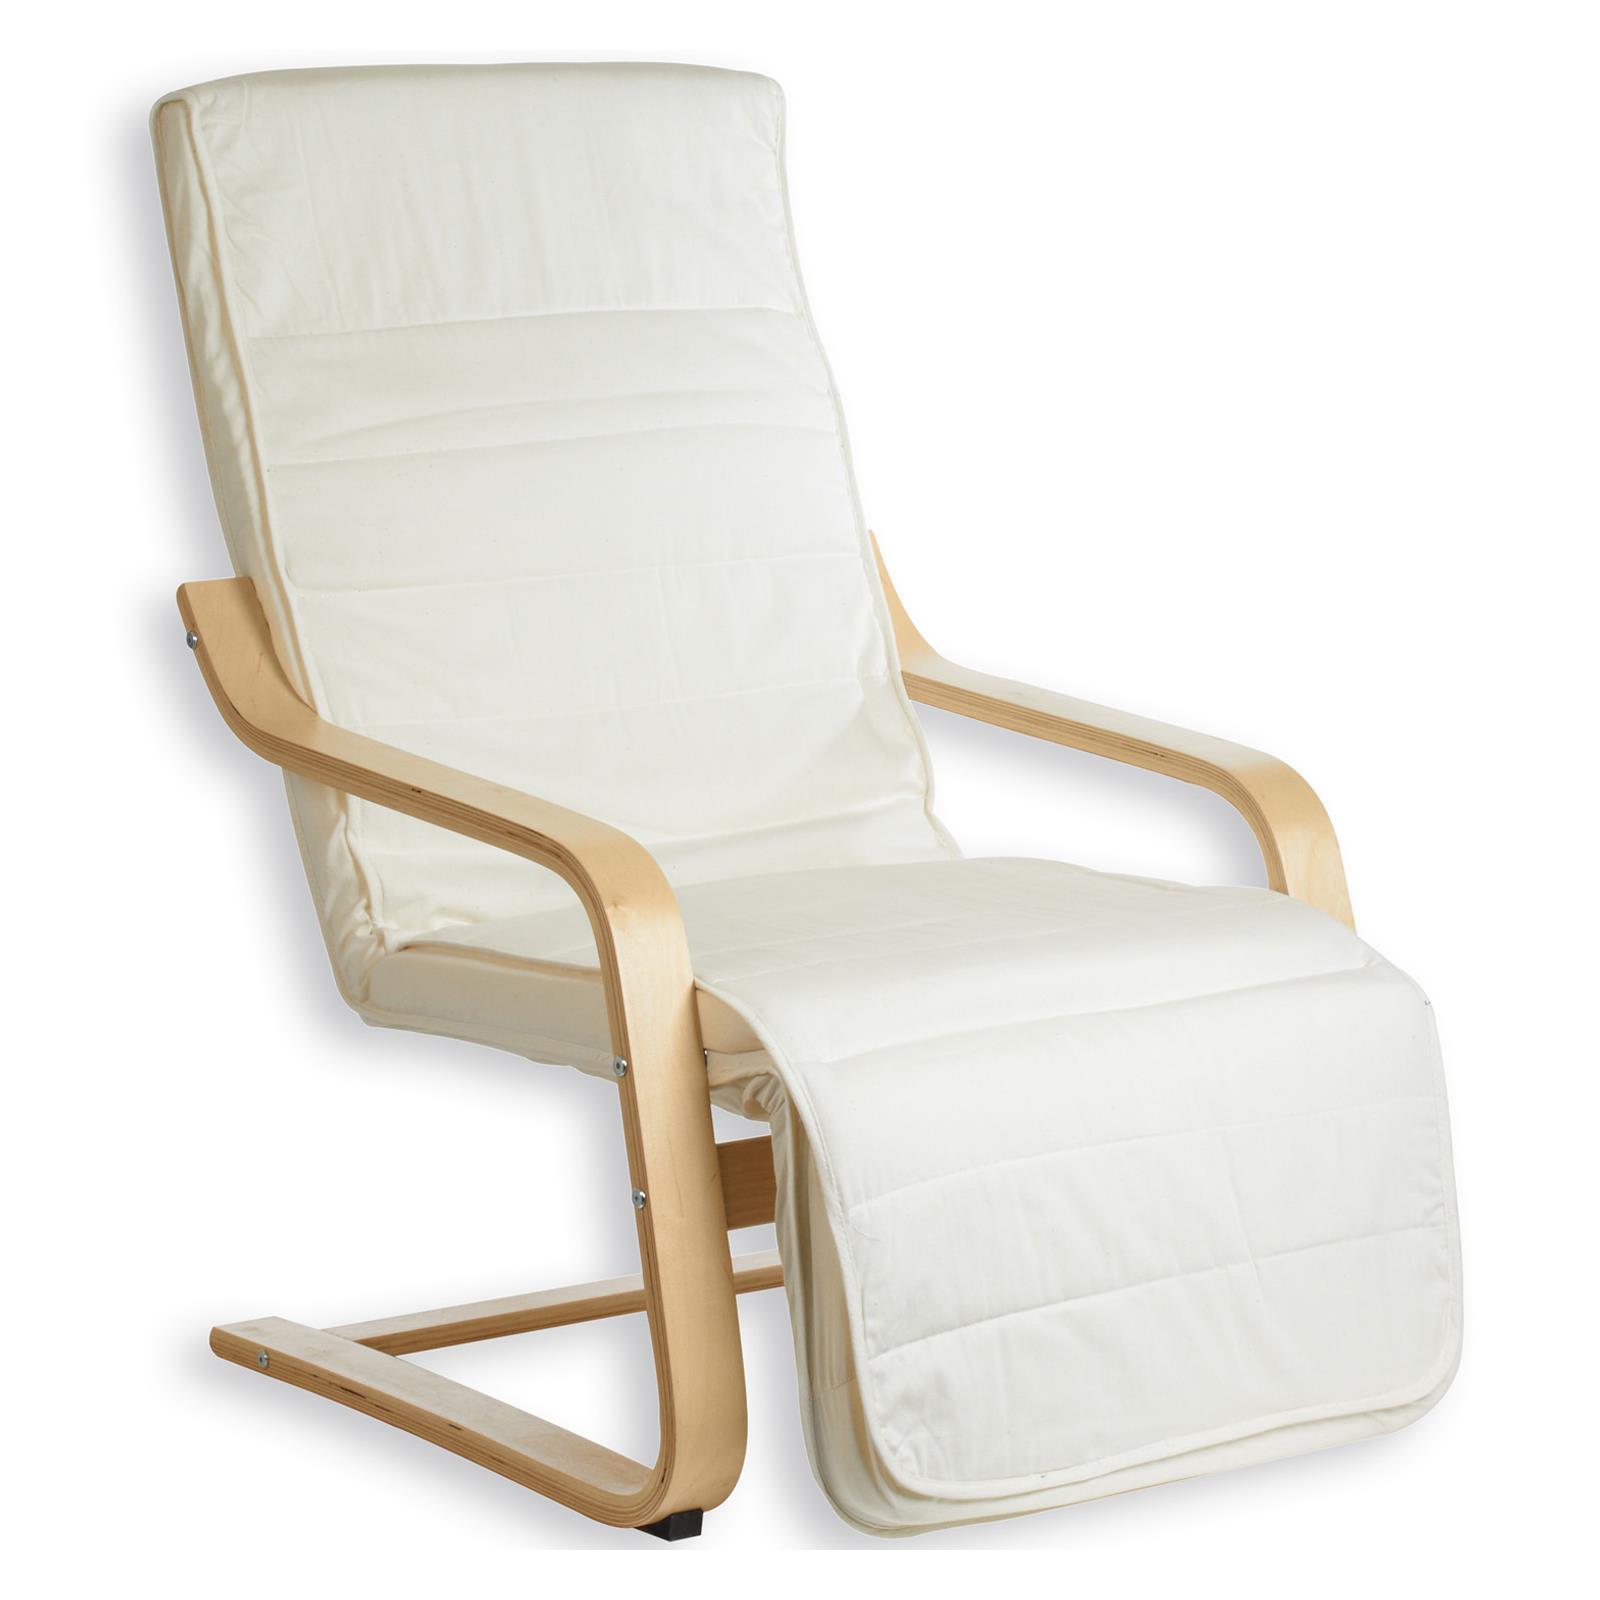 Fauteuil avec repose pieds int gr kessi beige mobil meubles - Canape avec repose pied integre ...